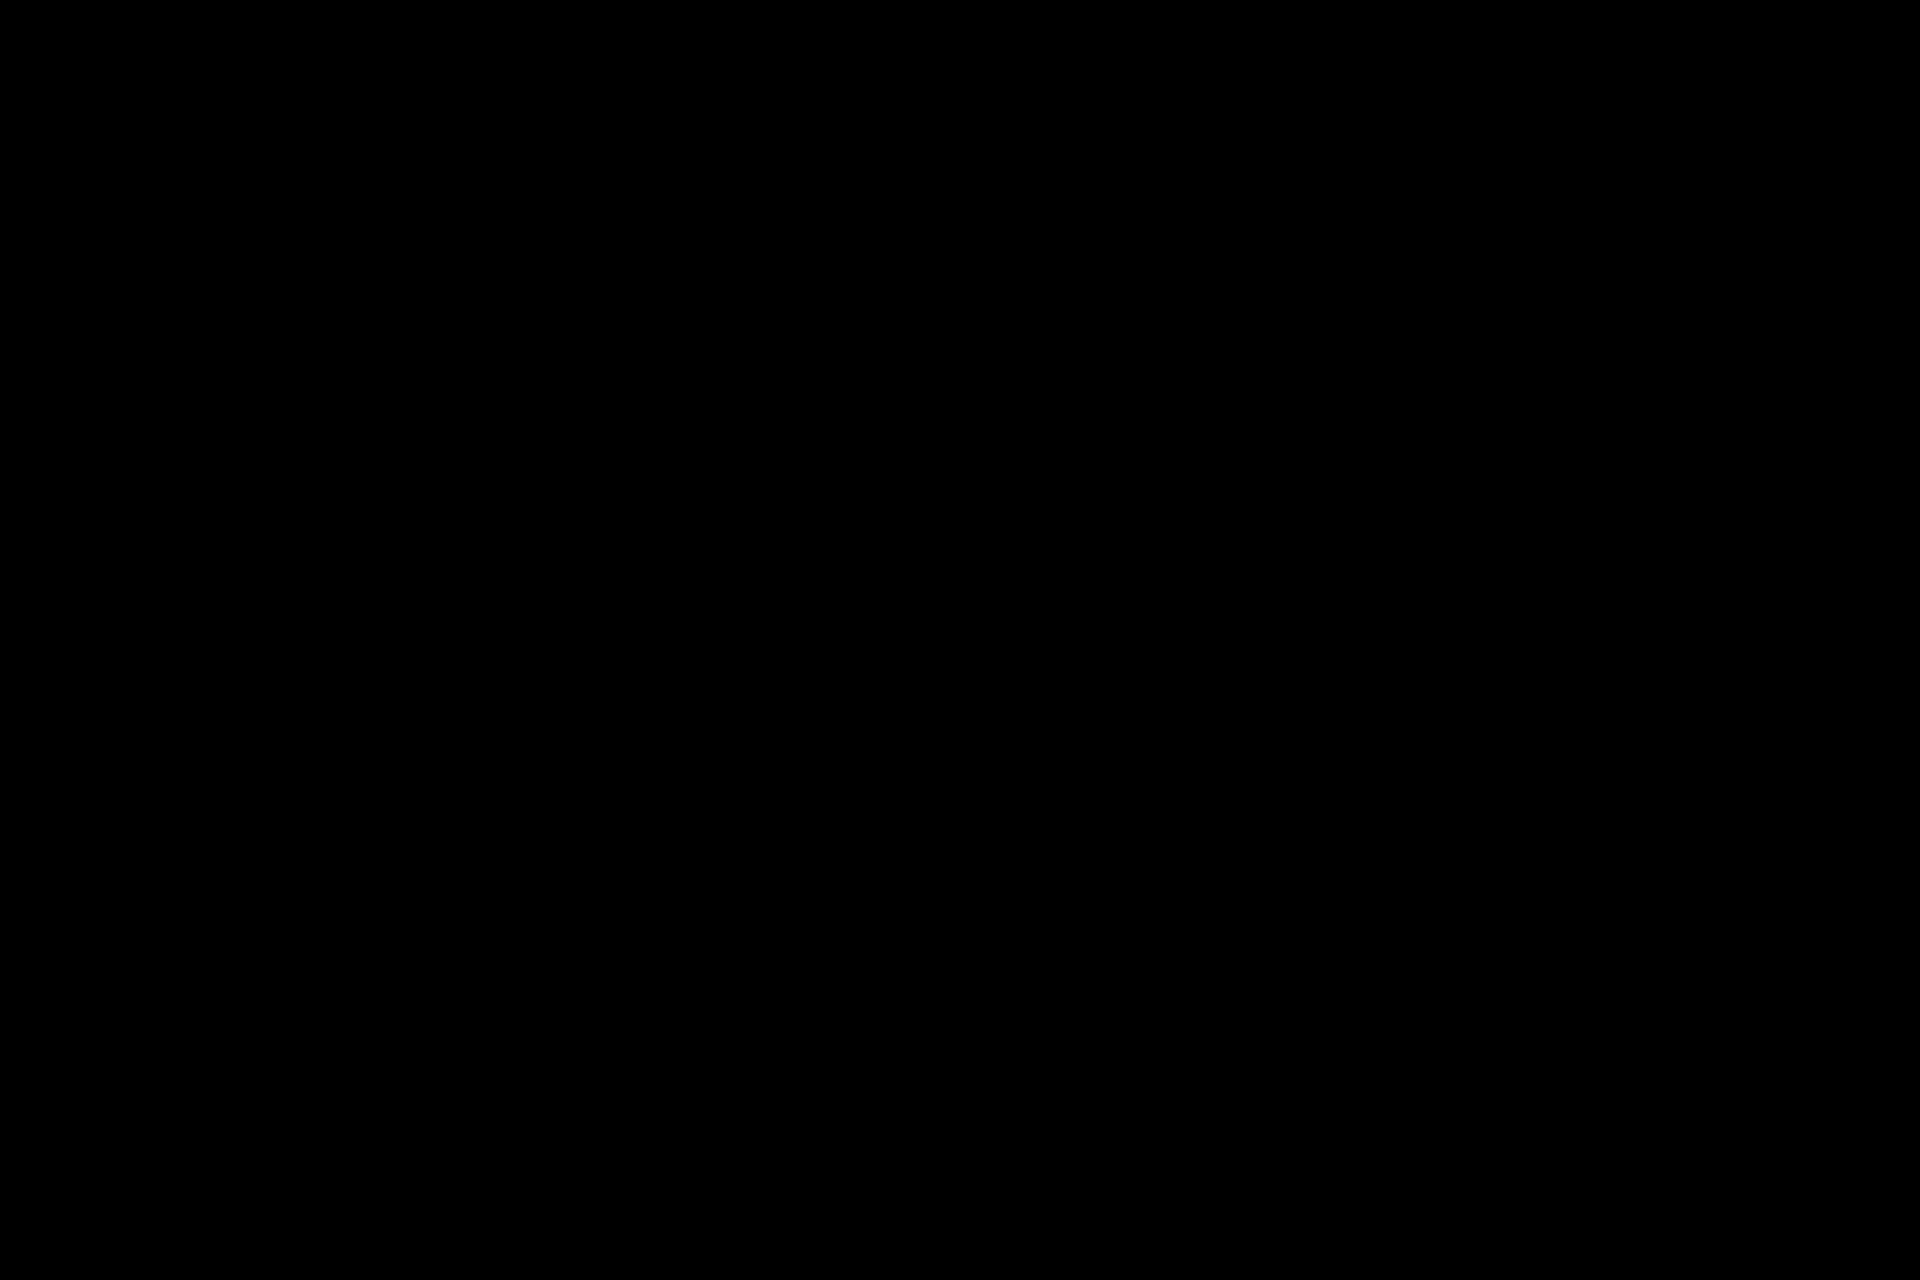 Atemschutzabschnittsübung Tulfes